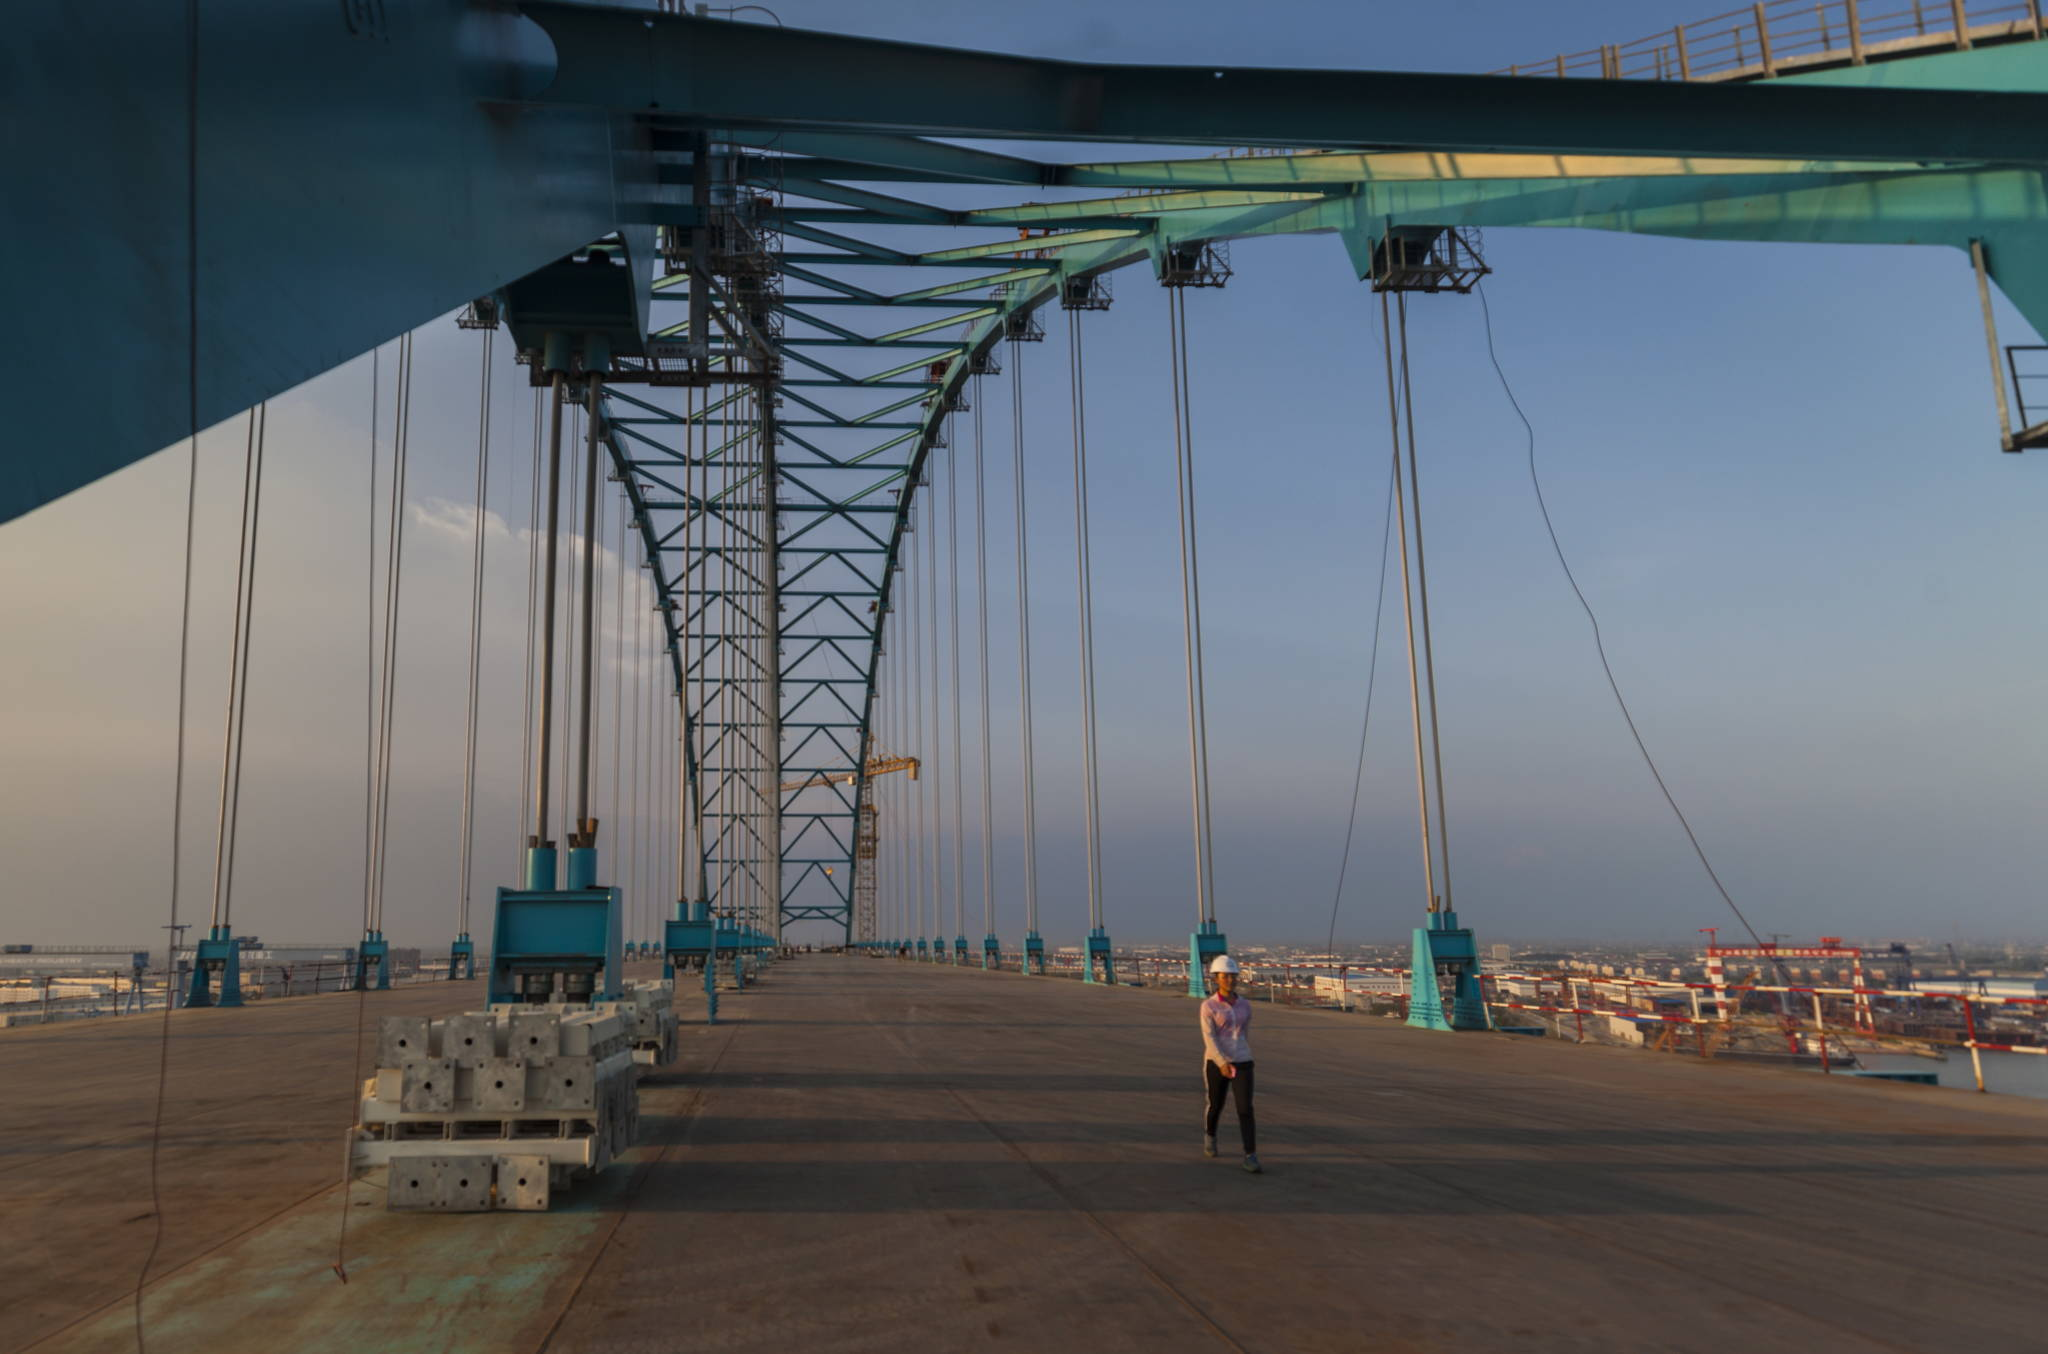 올해 안에 완공될 예정인 상하이-난퉁 양쯔강 대교. 길이가 11km에 이르며 아래에는 하부에는 철로 4개가, 상부에는 6개 차로의 고속도로가 들어서게 된다. [EPA=연합뉴스]